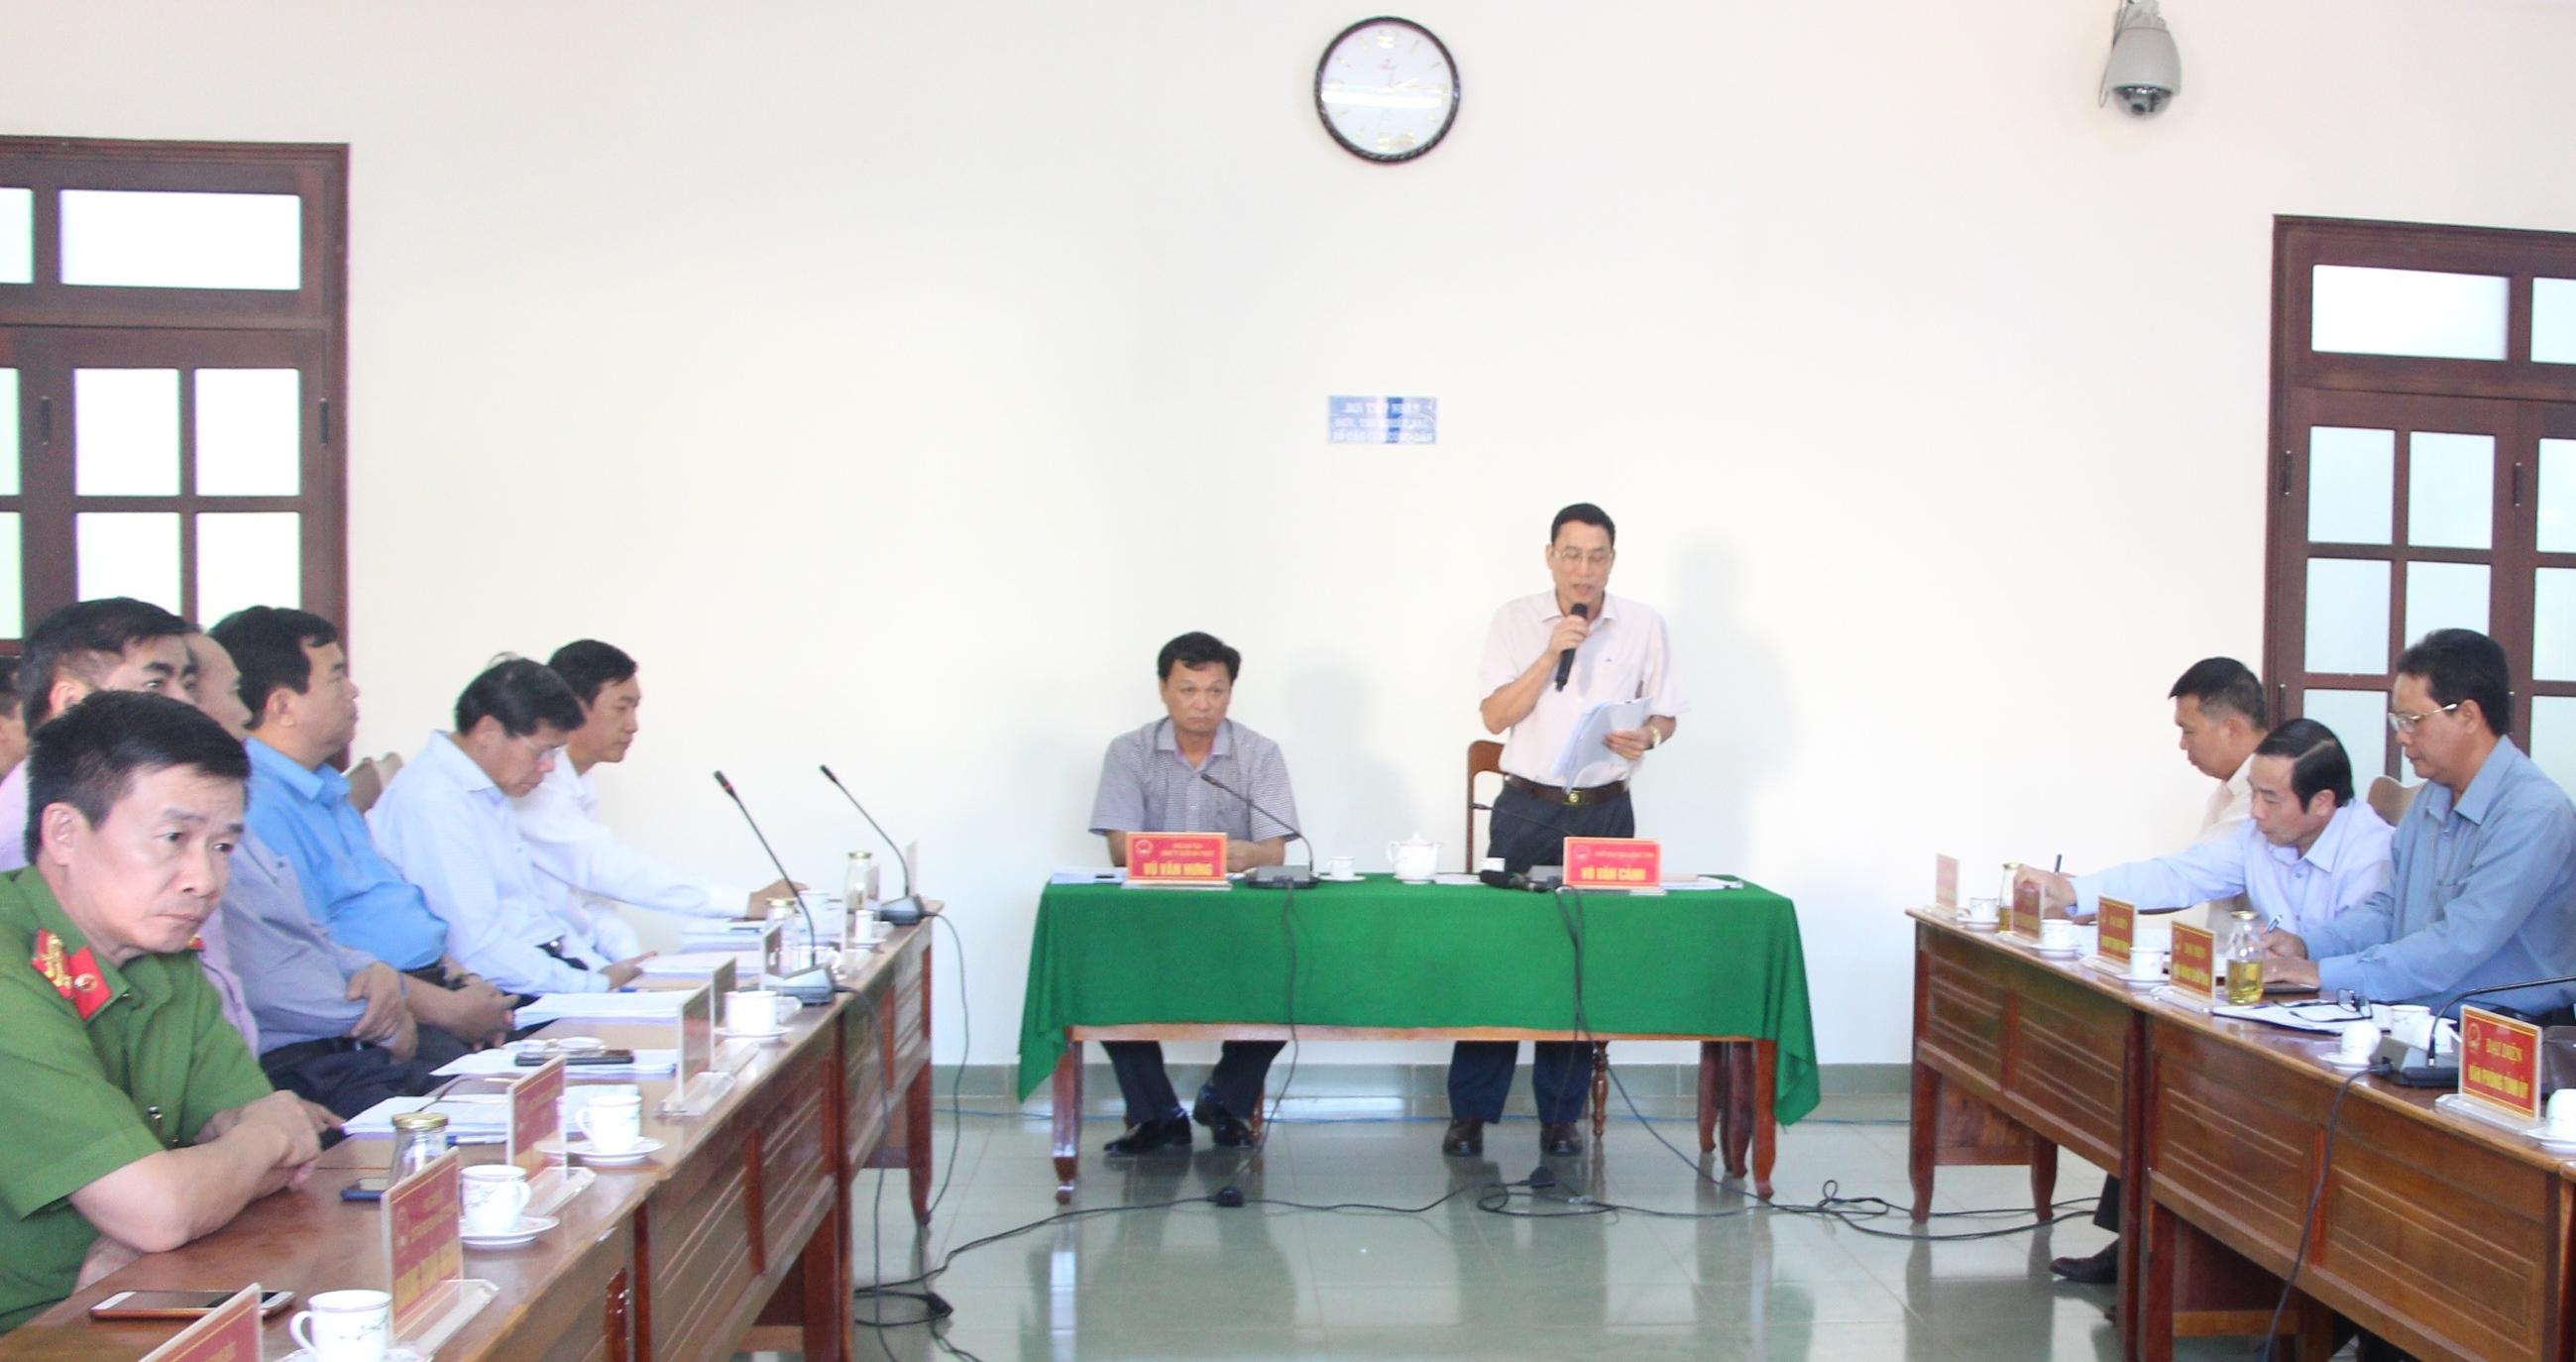 Thông cáo báo chí về việc tổ chức công khai các phương án hỗ trợ cho các hộ tiểu thương chợ tạm thành phố Buôn Ma Thuột